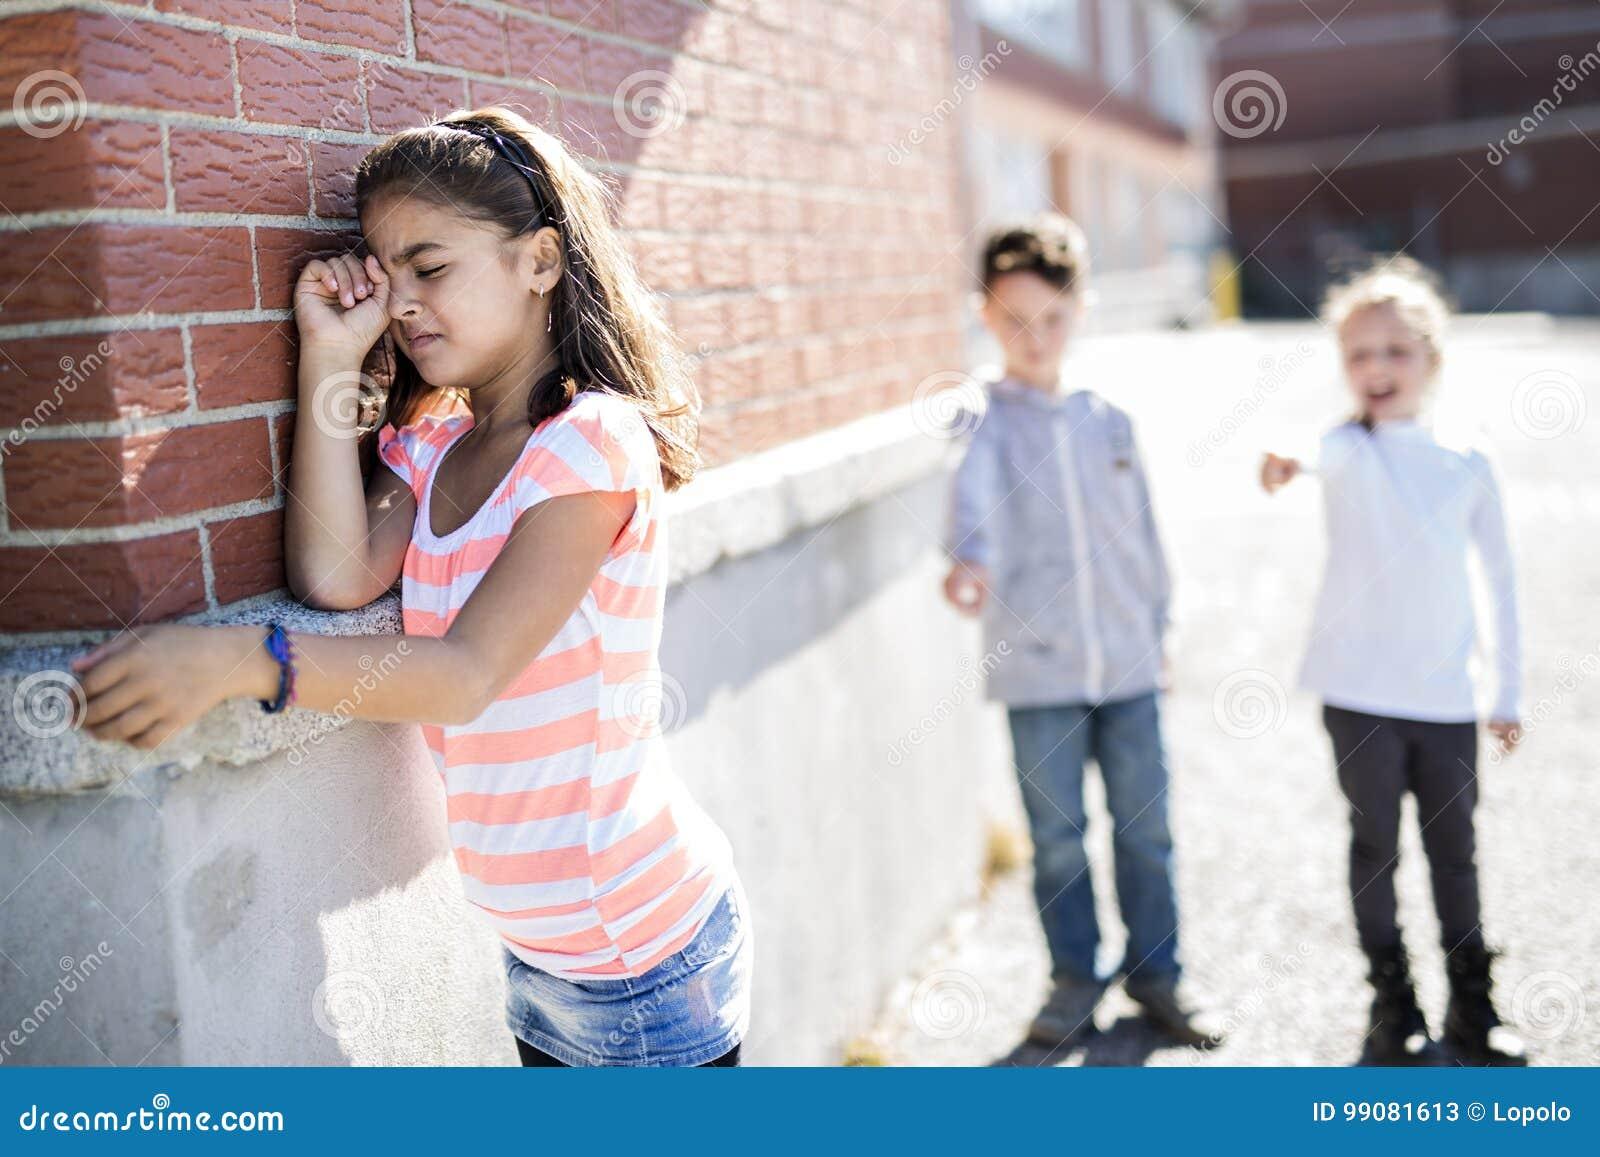 Elementaire Leeftijd Intimidatie in Schoolplein